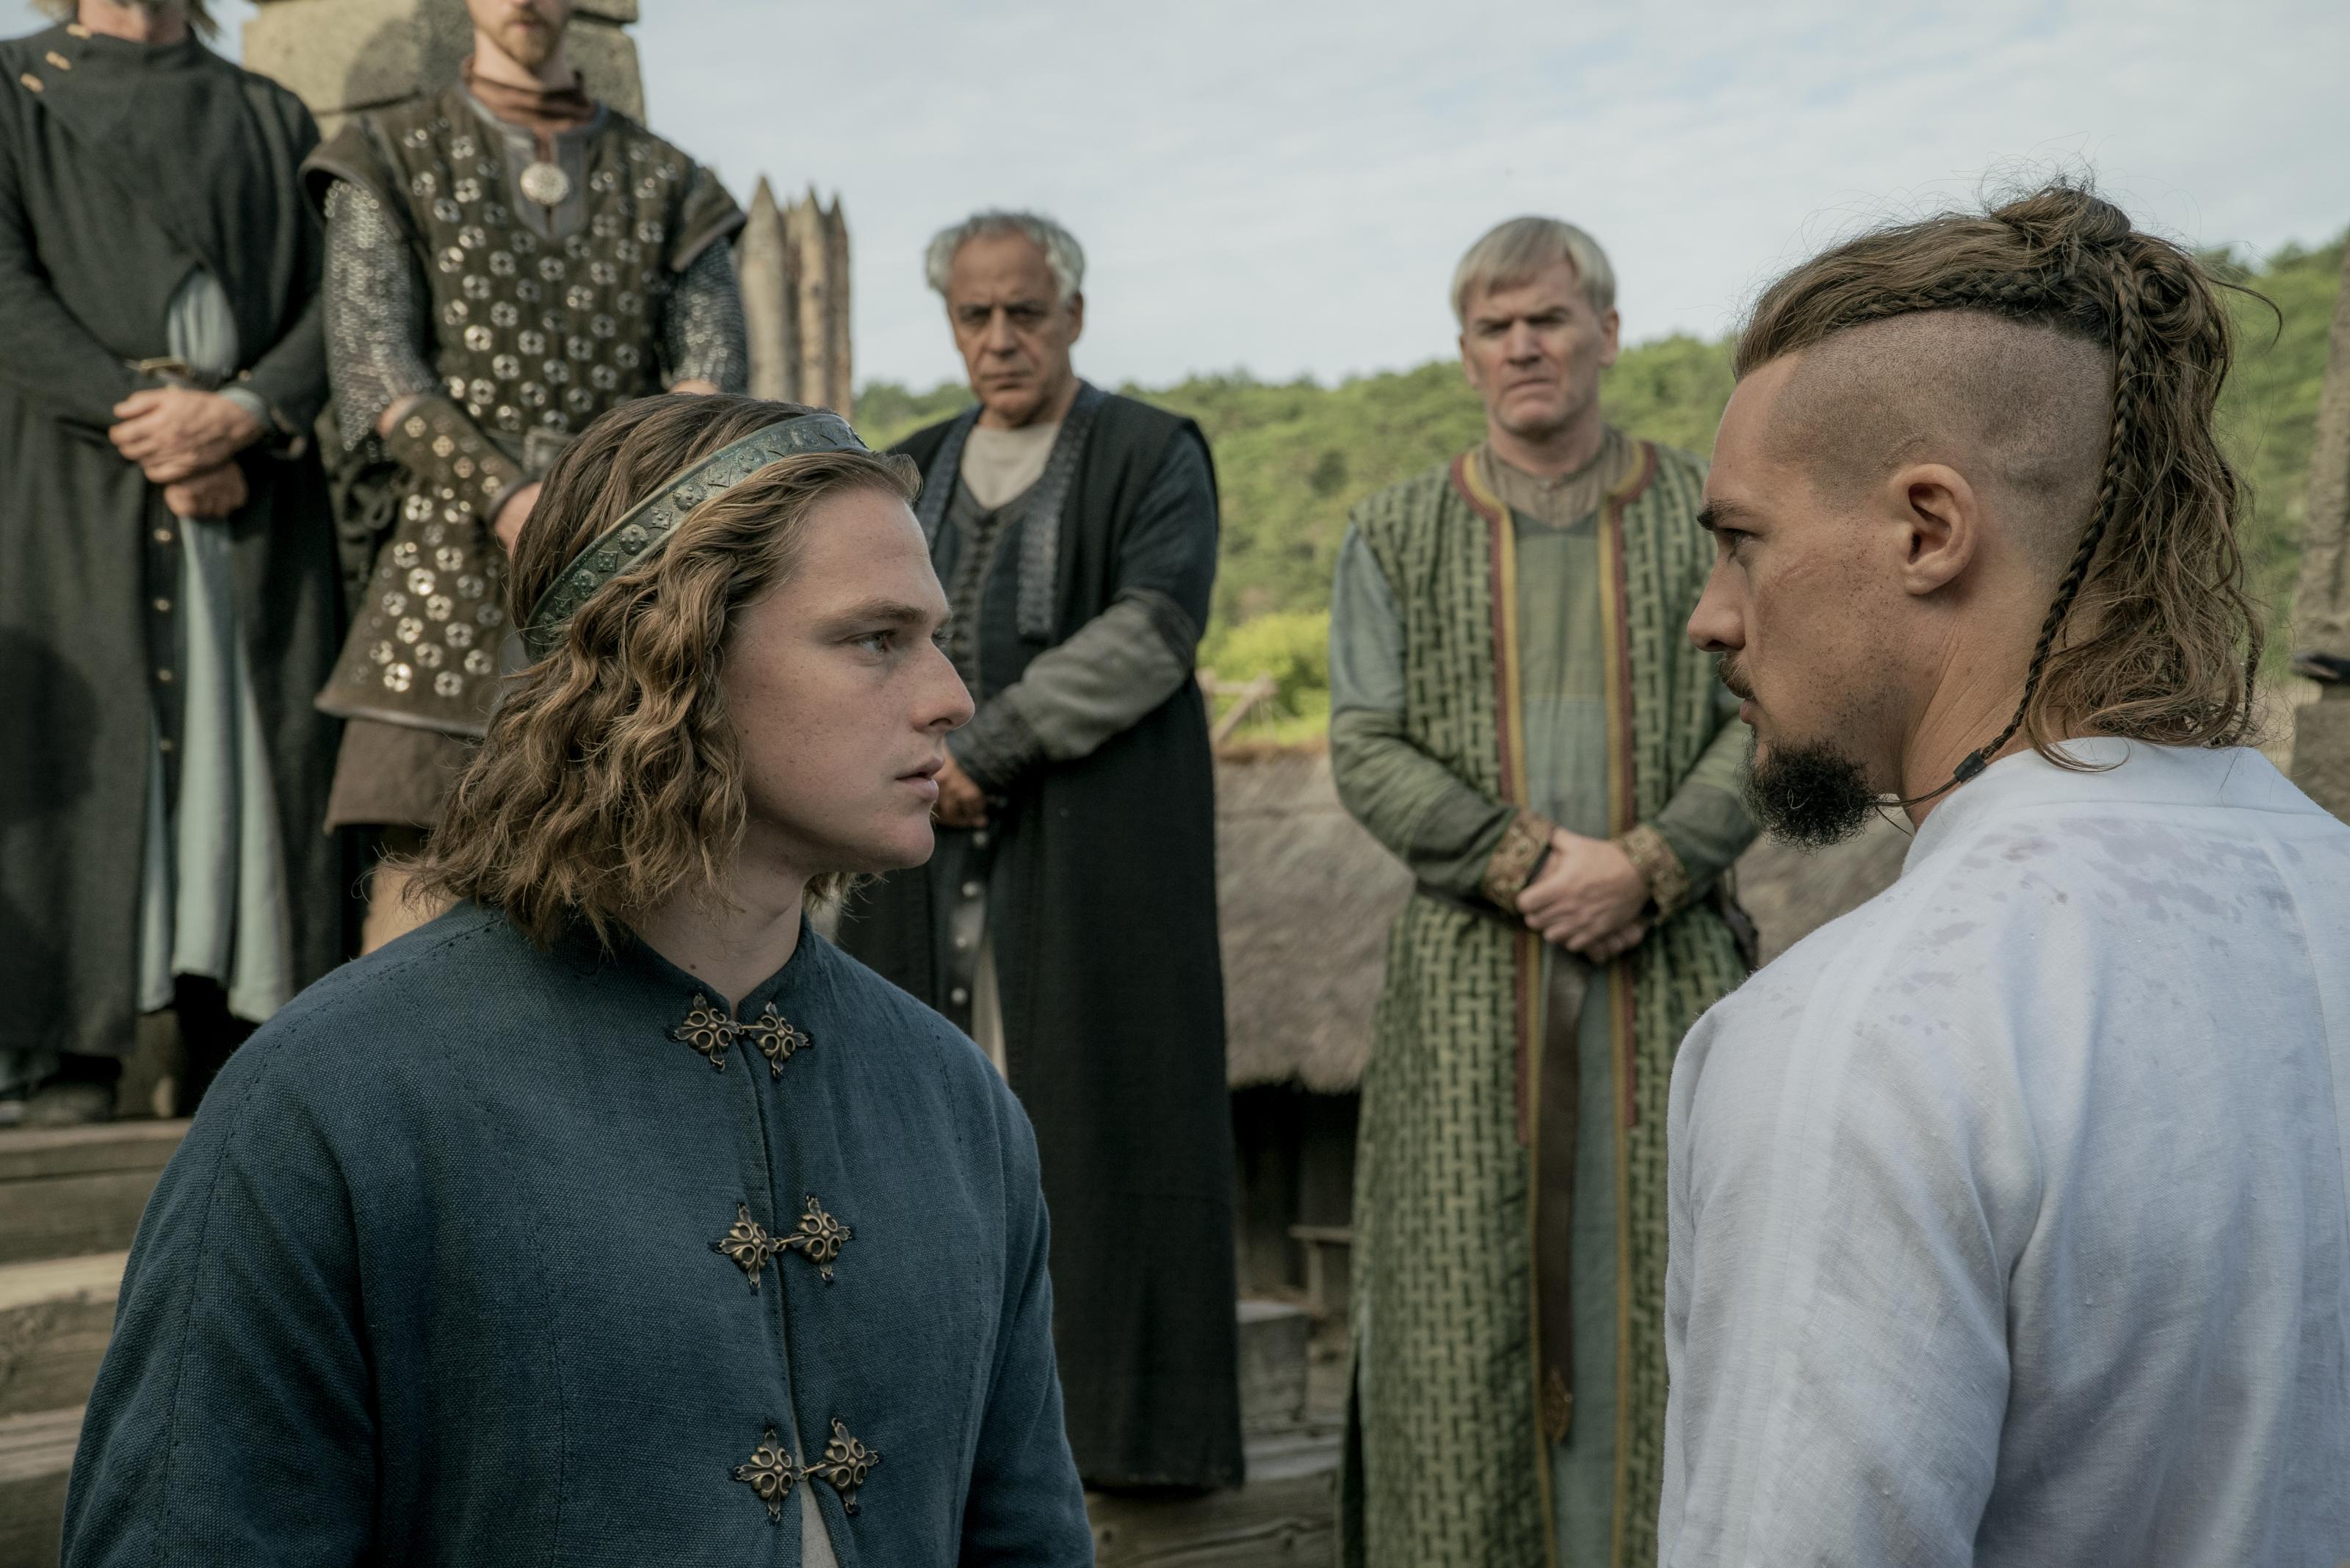 Is The Last Kingdom season 5